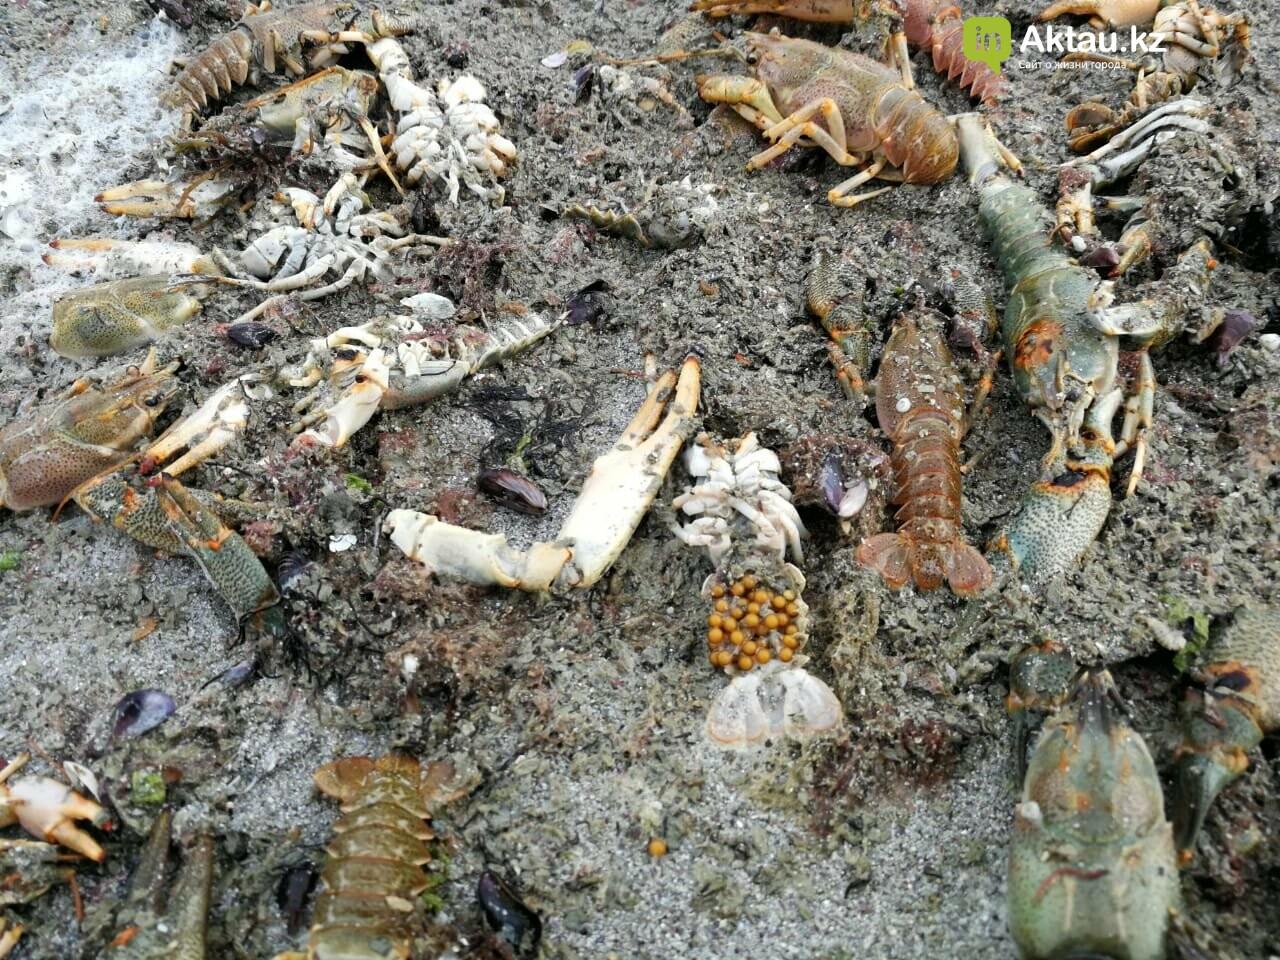 Мертвую рыбу и раков выбросило на побережье Актау (ВИДЕО), фото-9